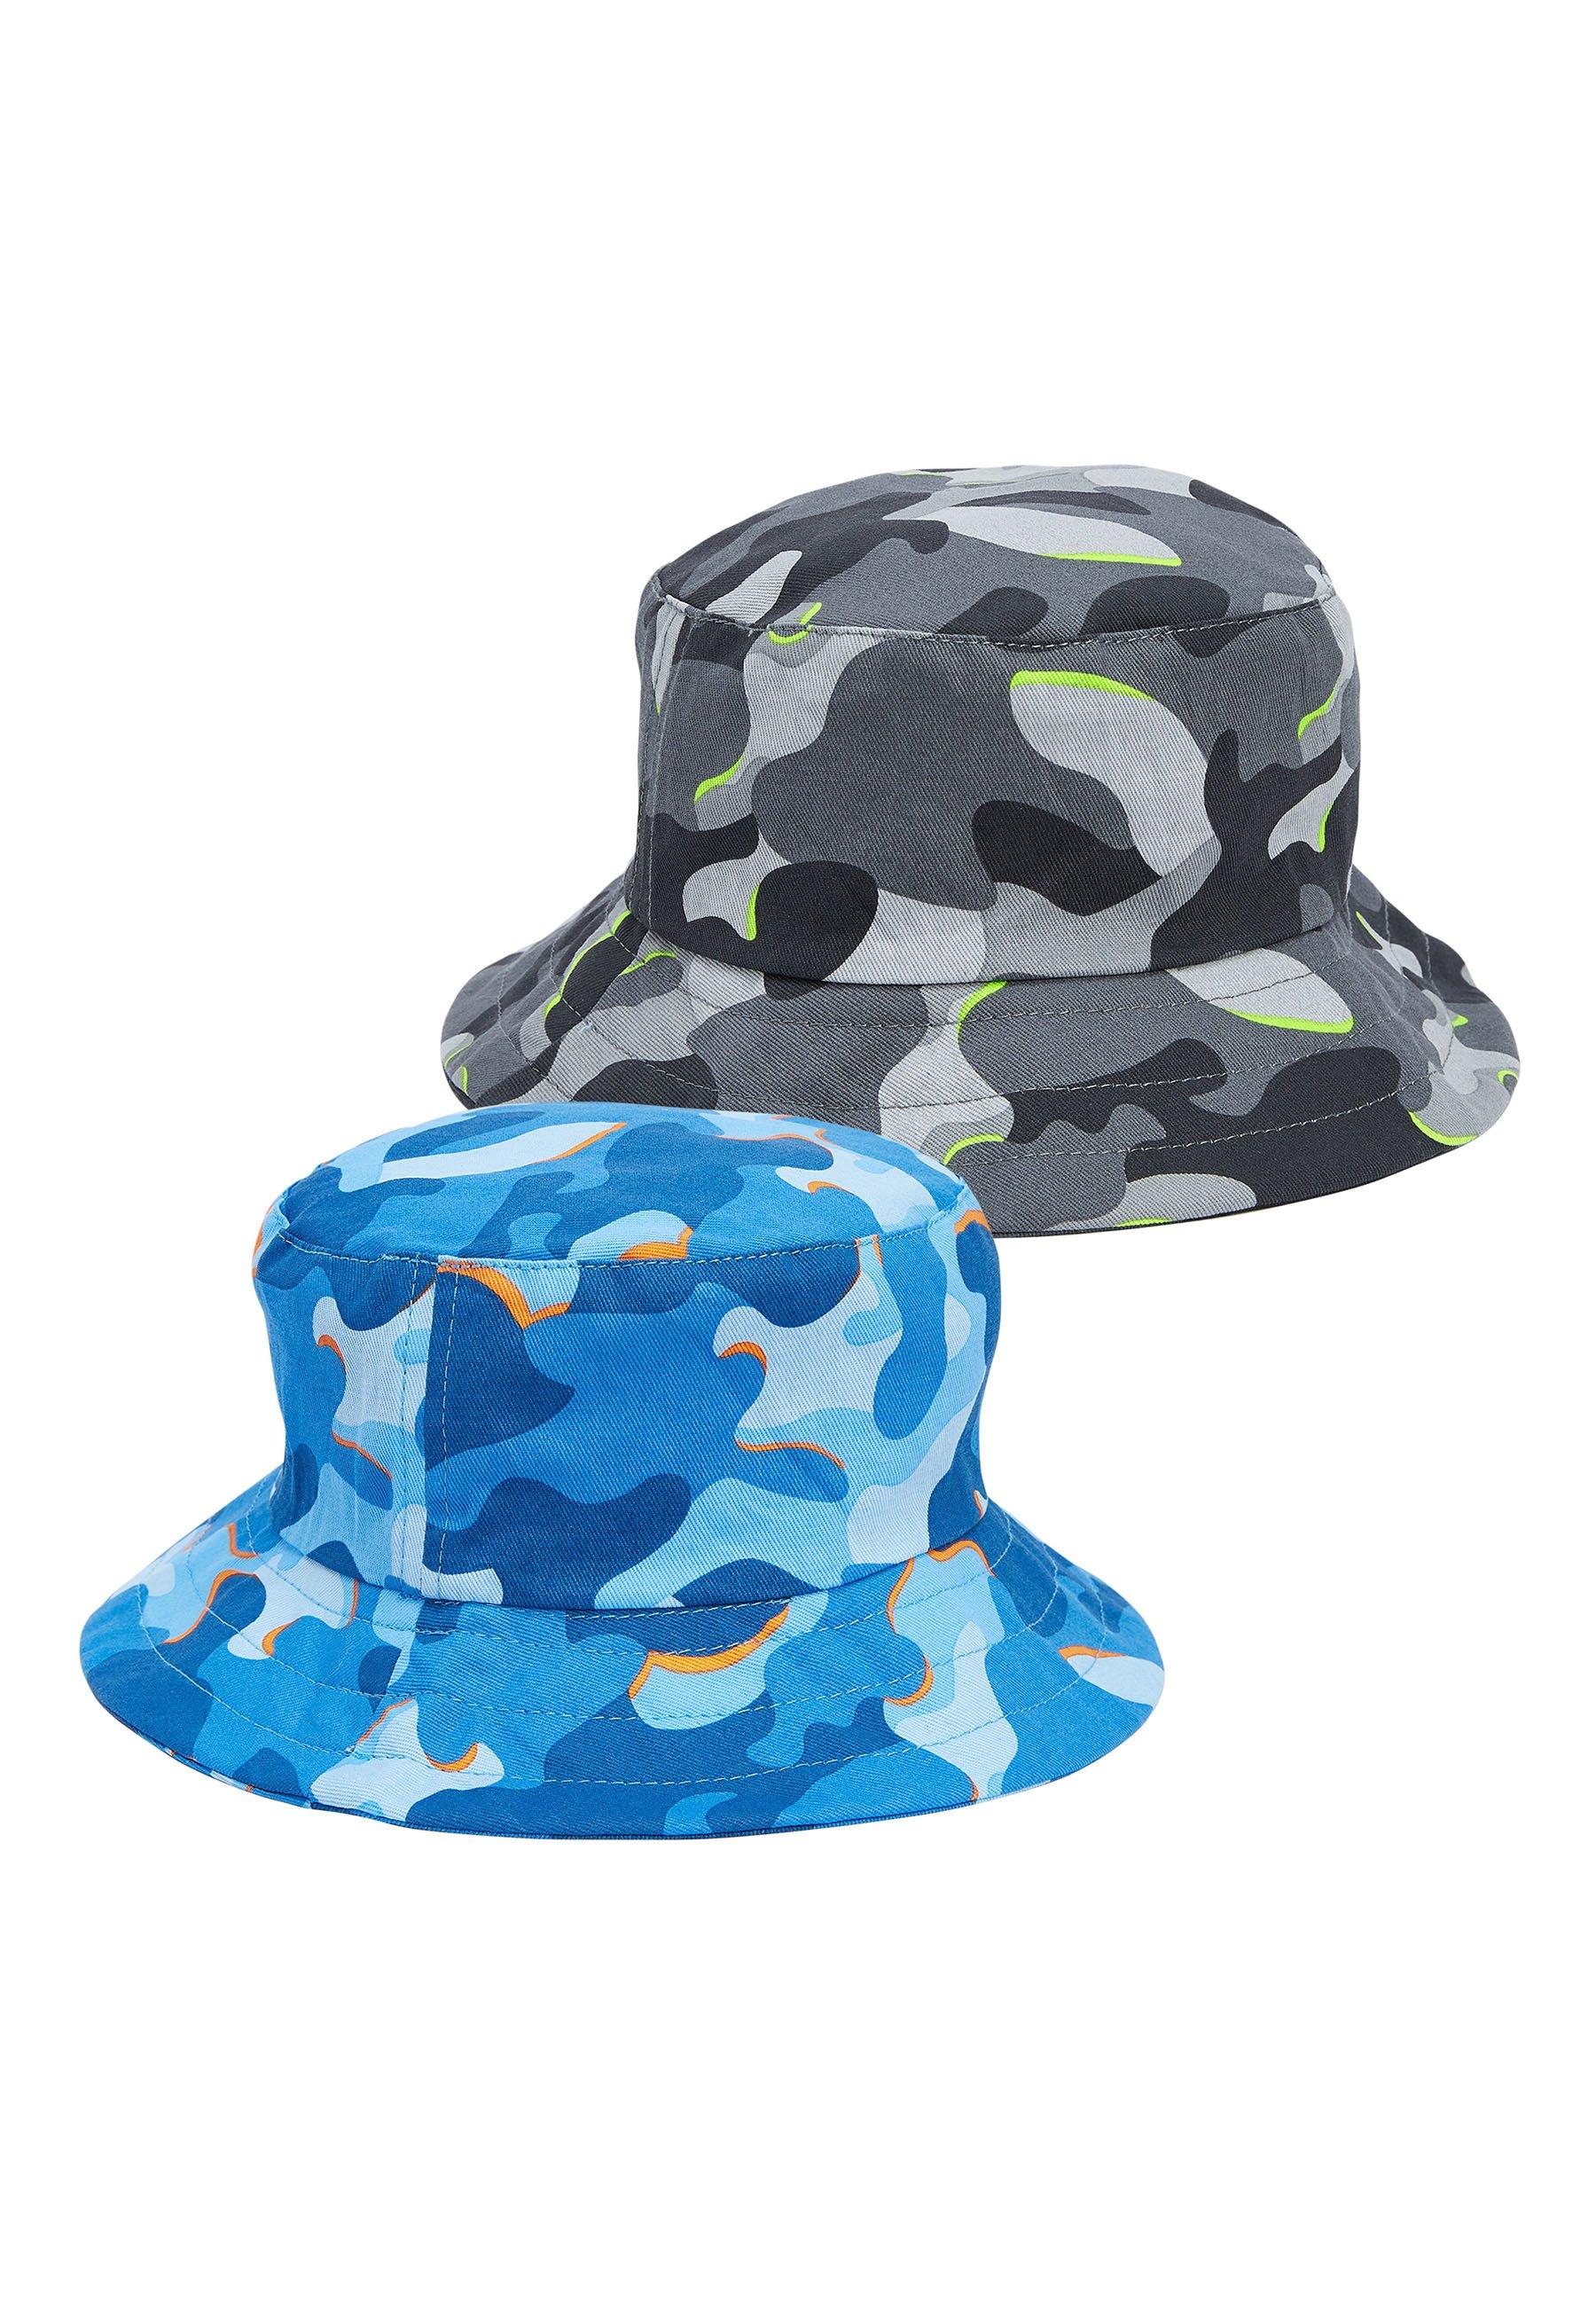 Børn BLUE/GREY 2 PACK CAMOFLAGE BUCKET HATS (YOUNGER) - Hatte